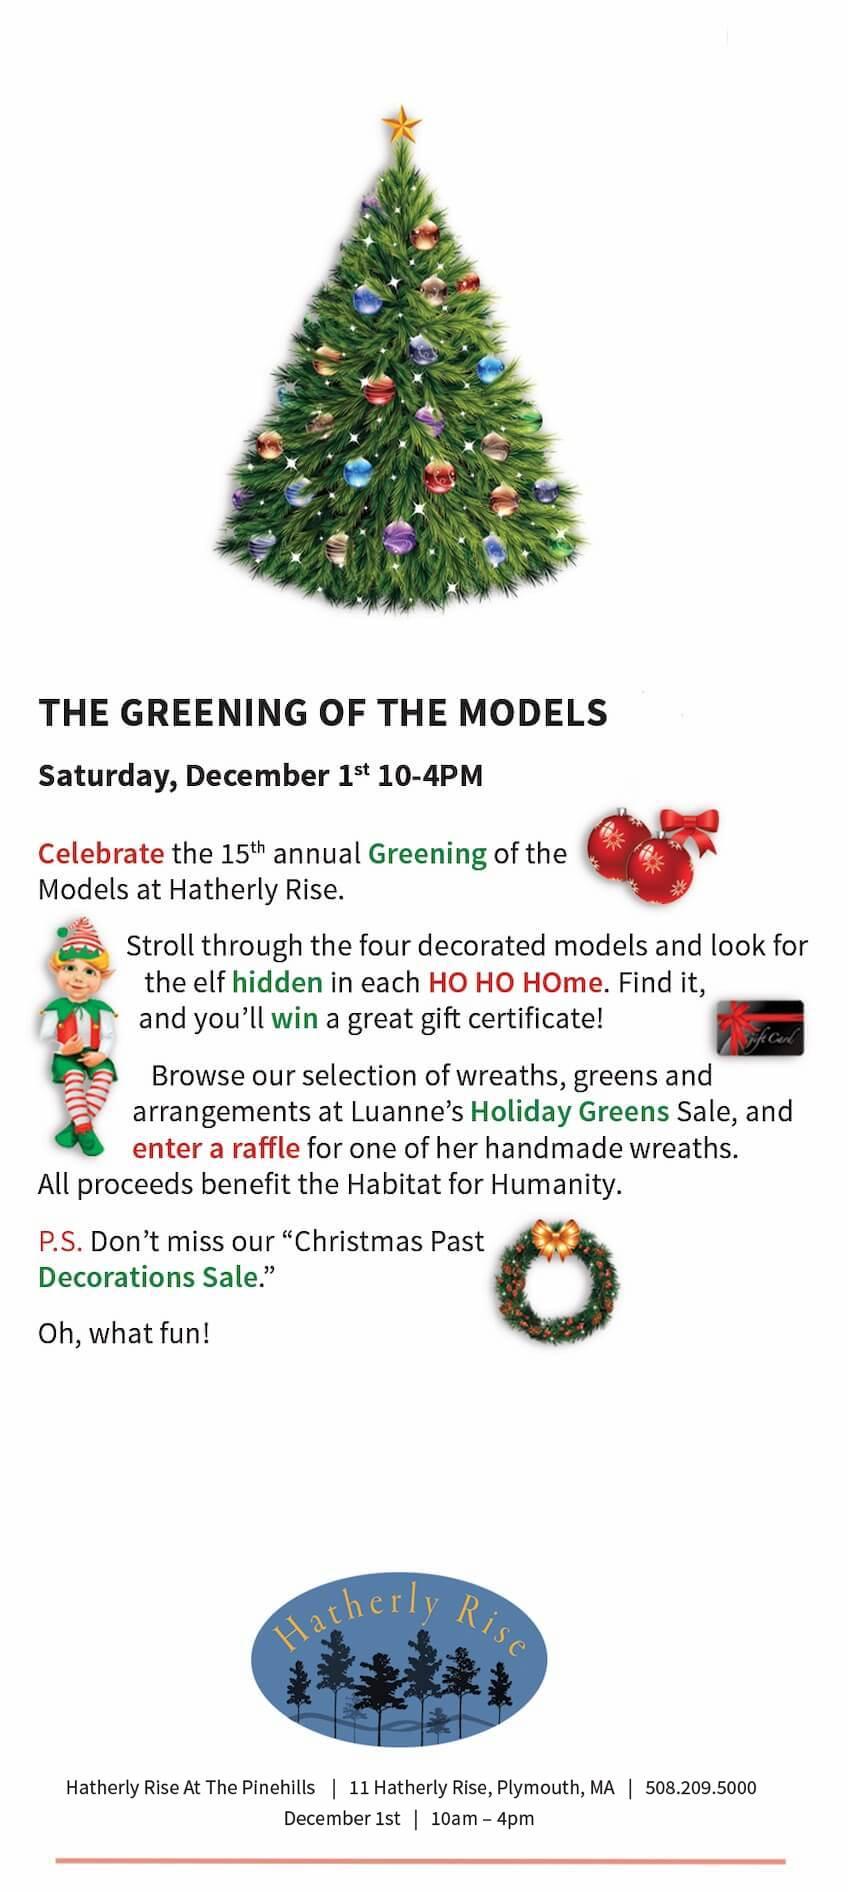 Pinehills Christmas On The Green 2021 Holiday Spirit At The Green Company The Green Company